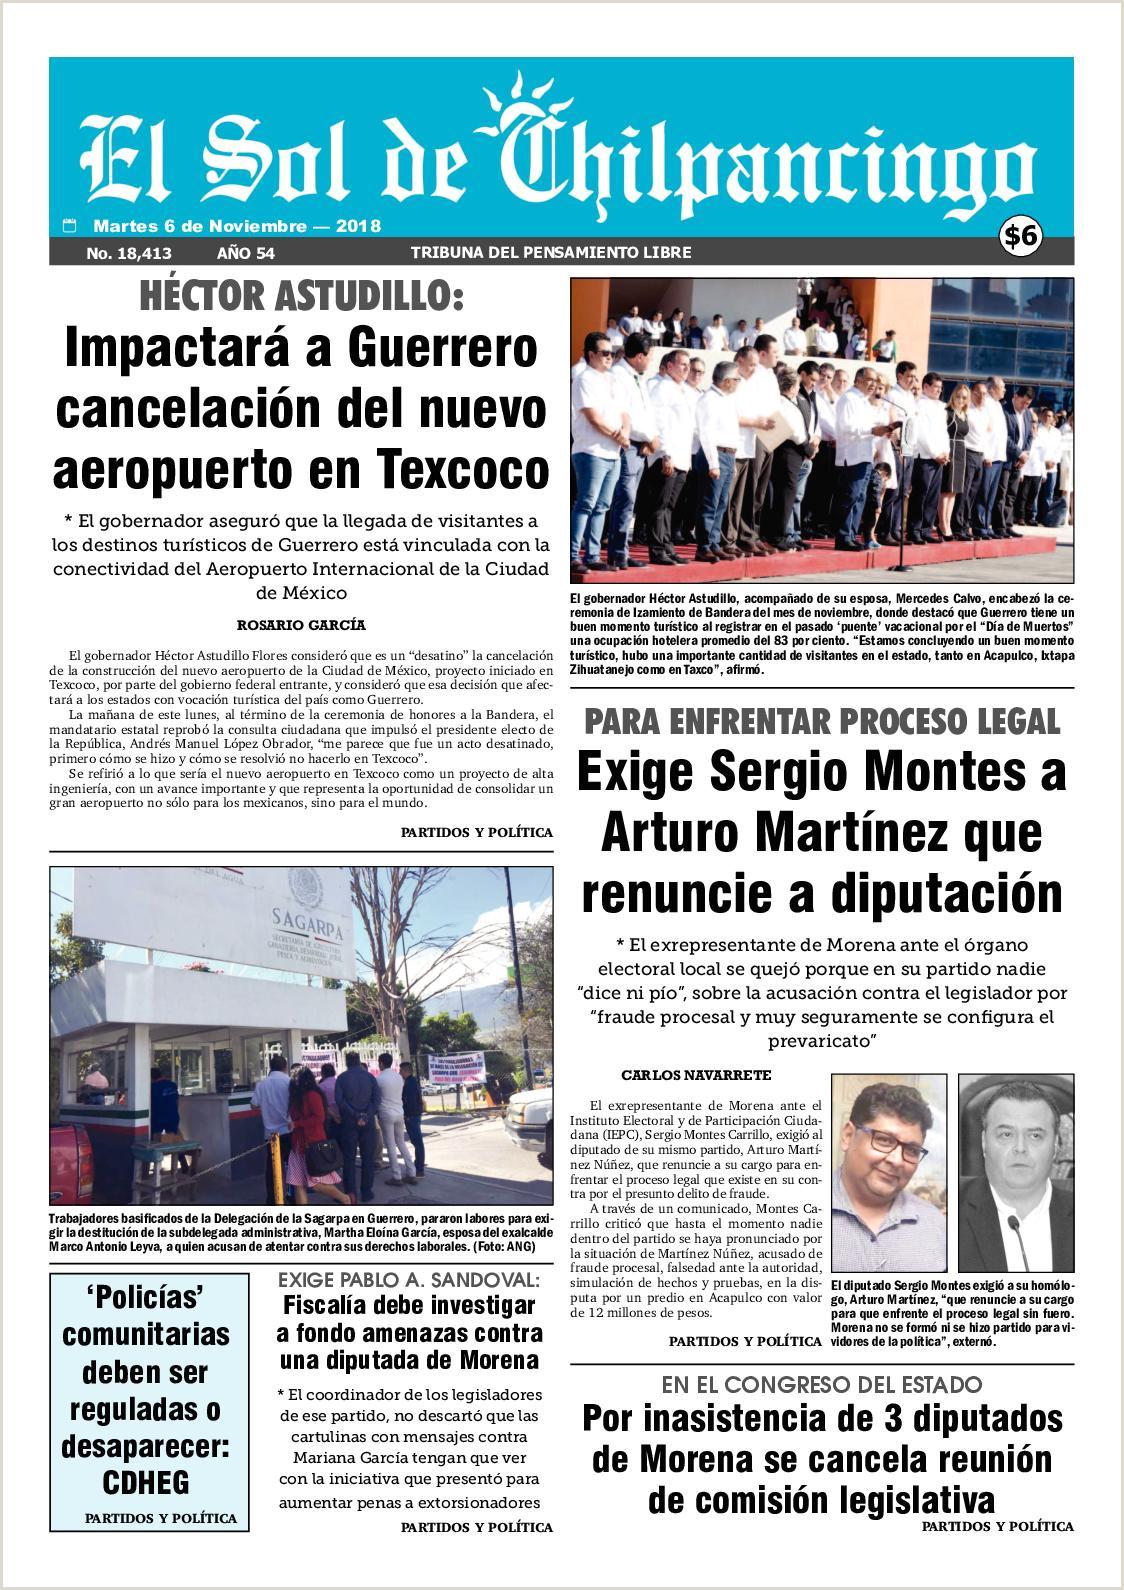 Calaméo El Sol De Chilpancingo 6 Noviembre 2018